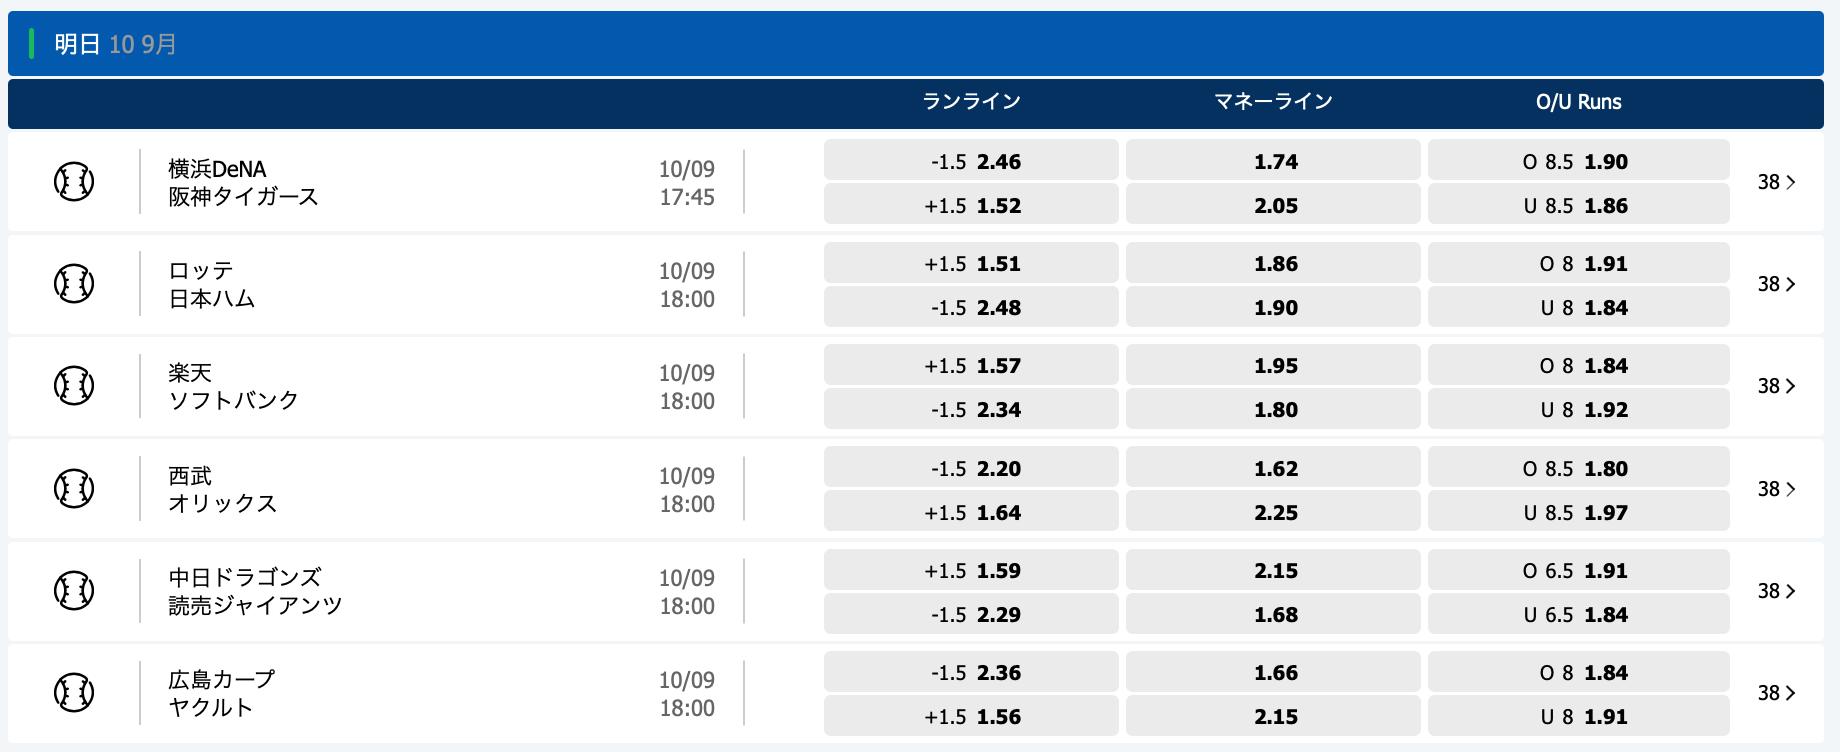 2020.9.10 プロ野球オッズ・10bet Japan